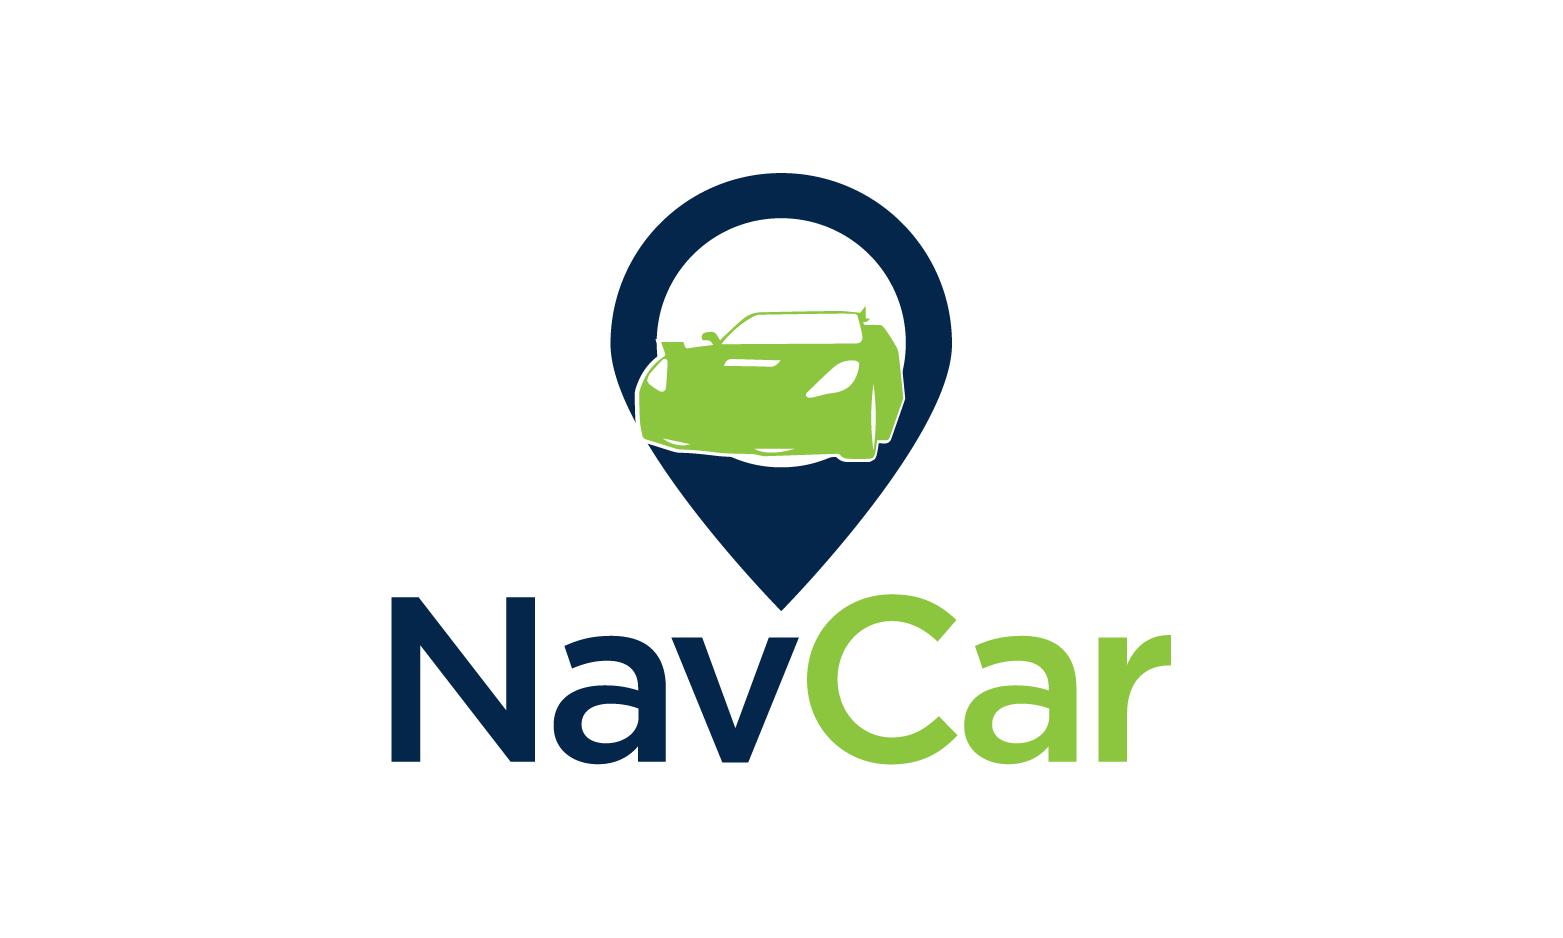 NavCar.com